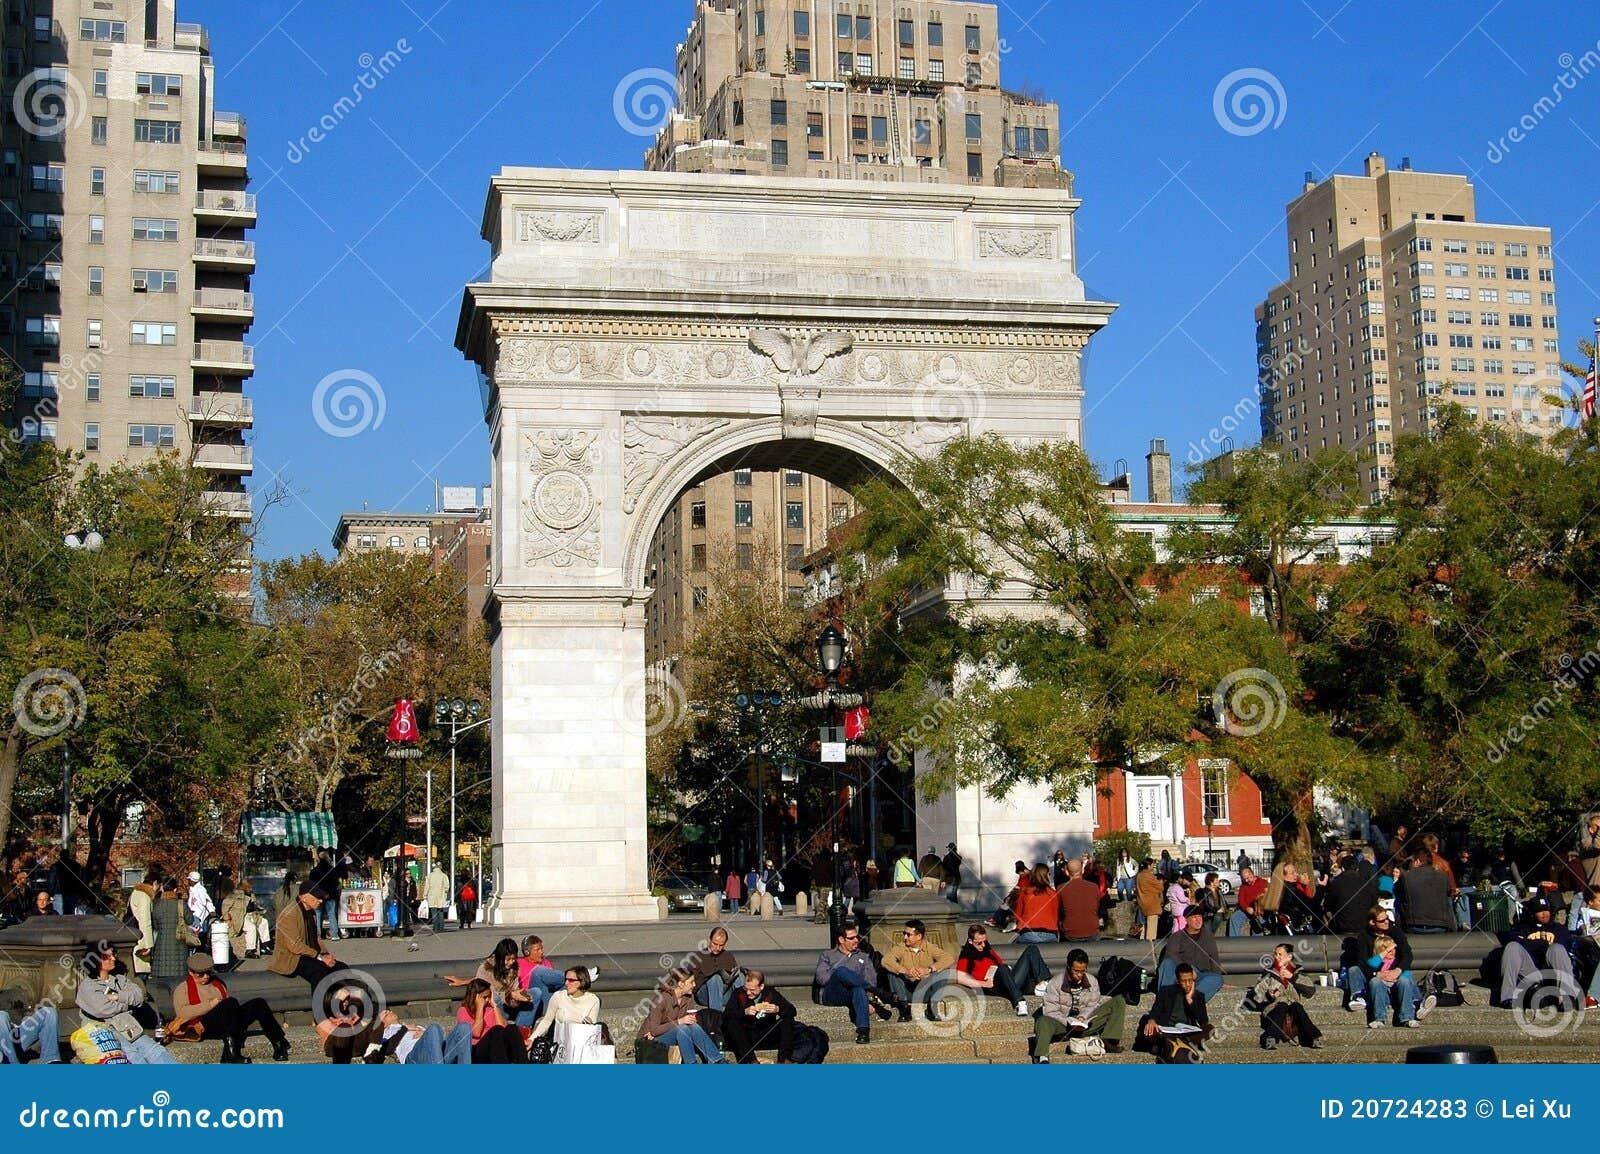 New York City Arc De Triomphe